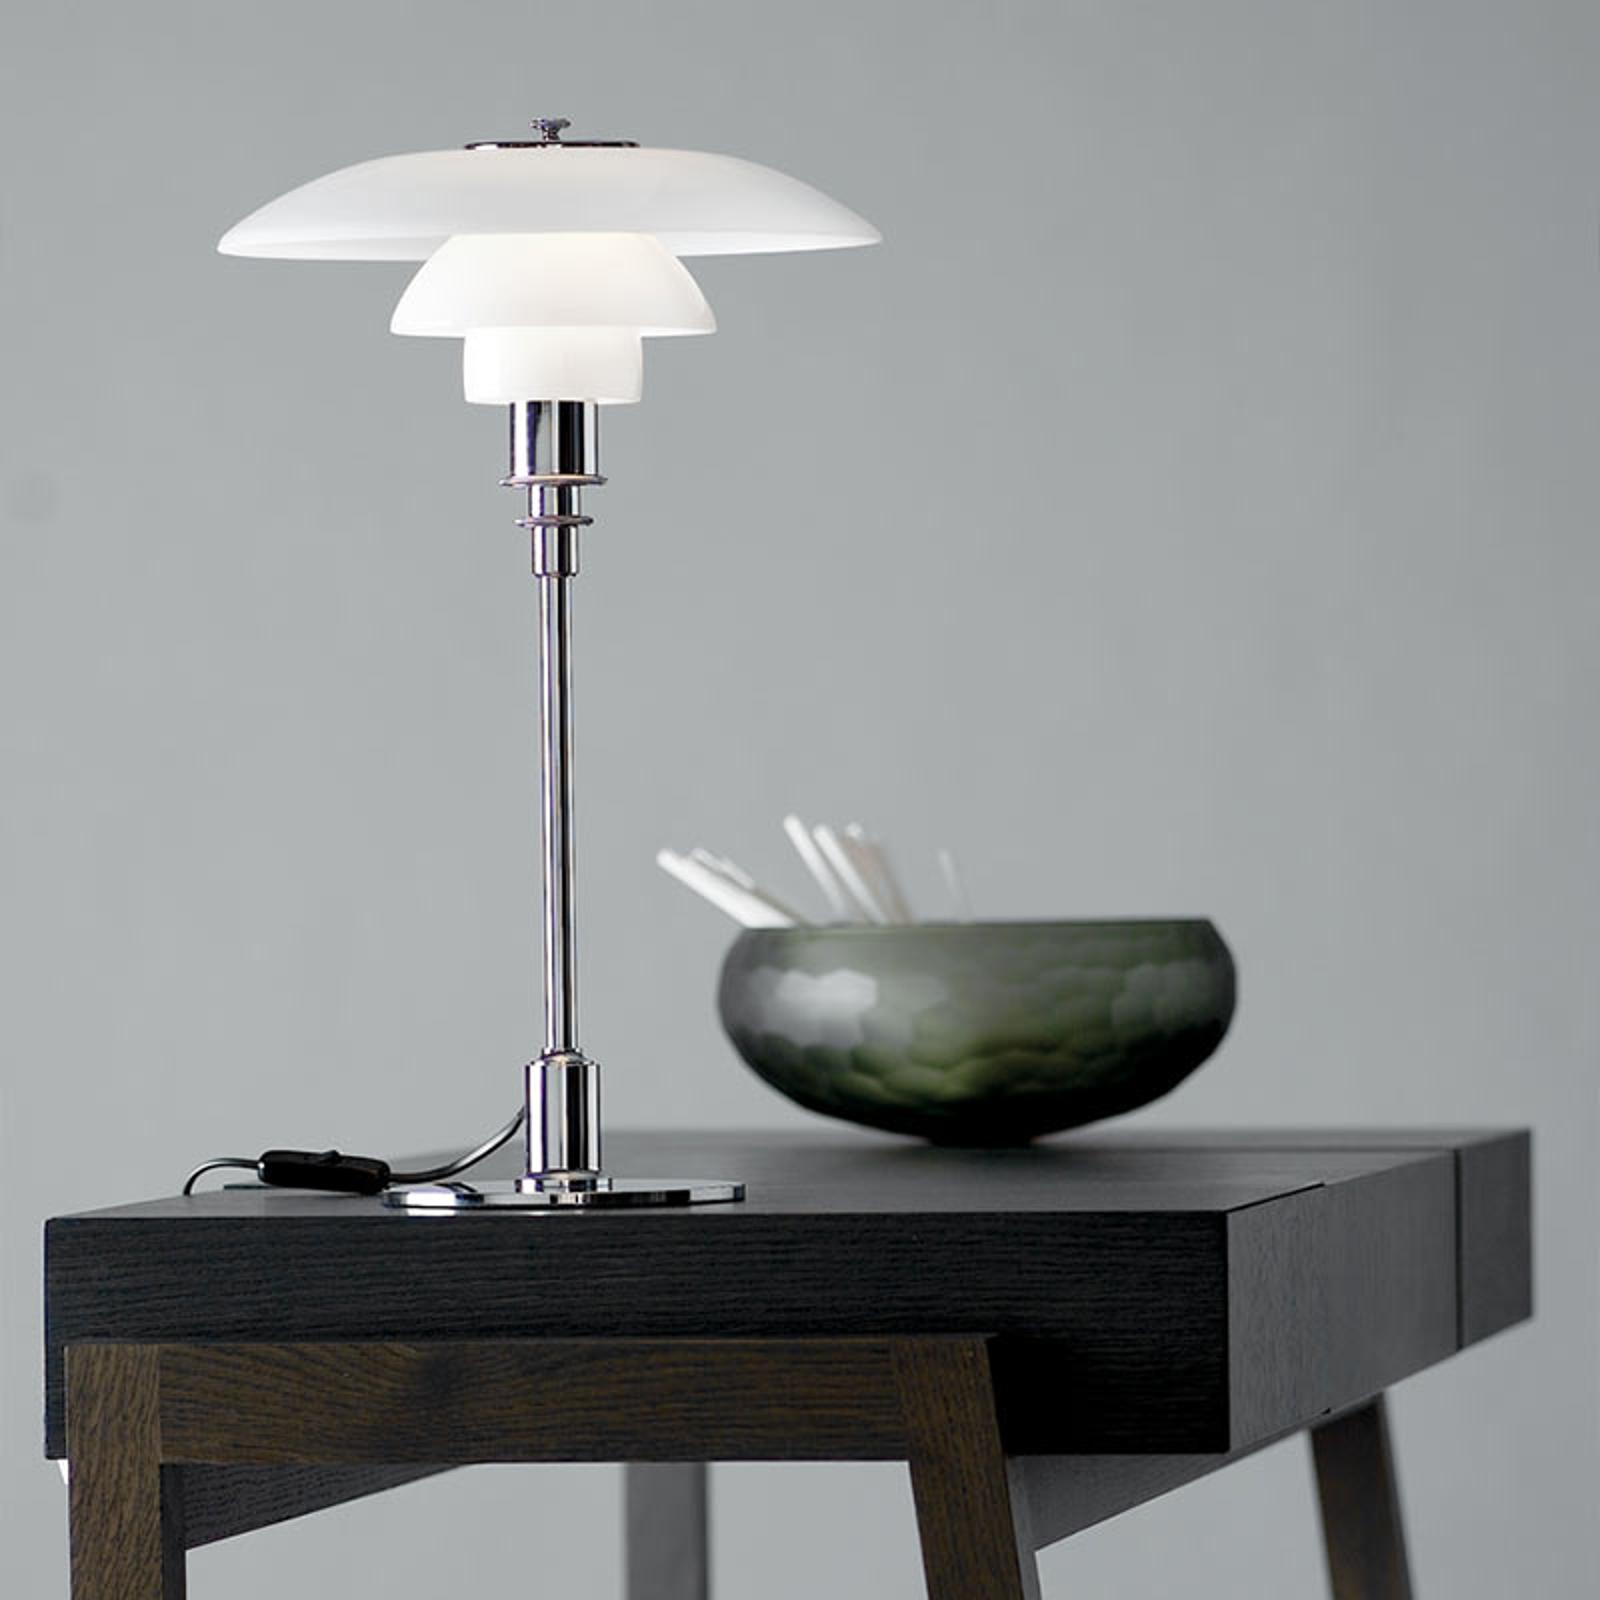 Louis Poulsen PH 3/2 stolní lampa pochromovaná